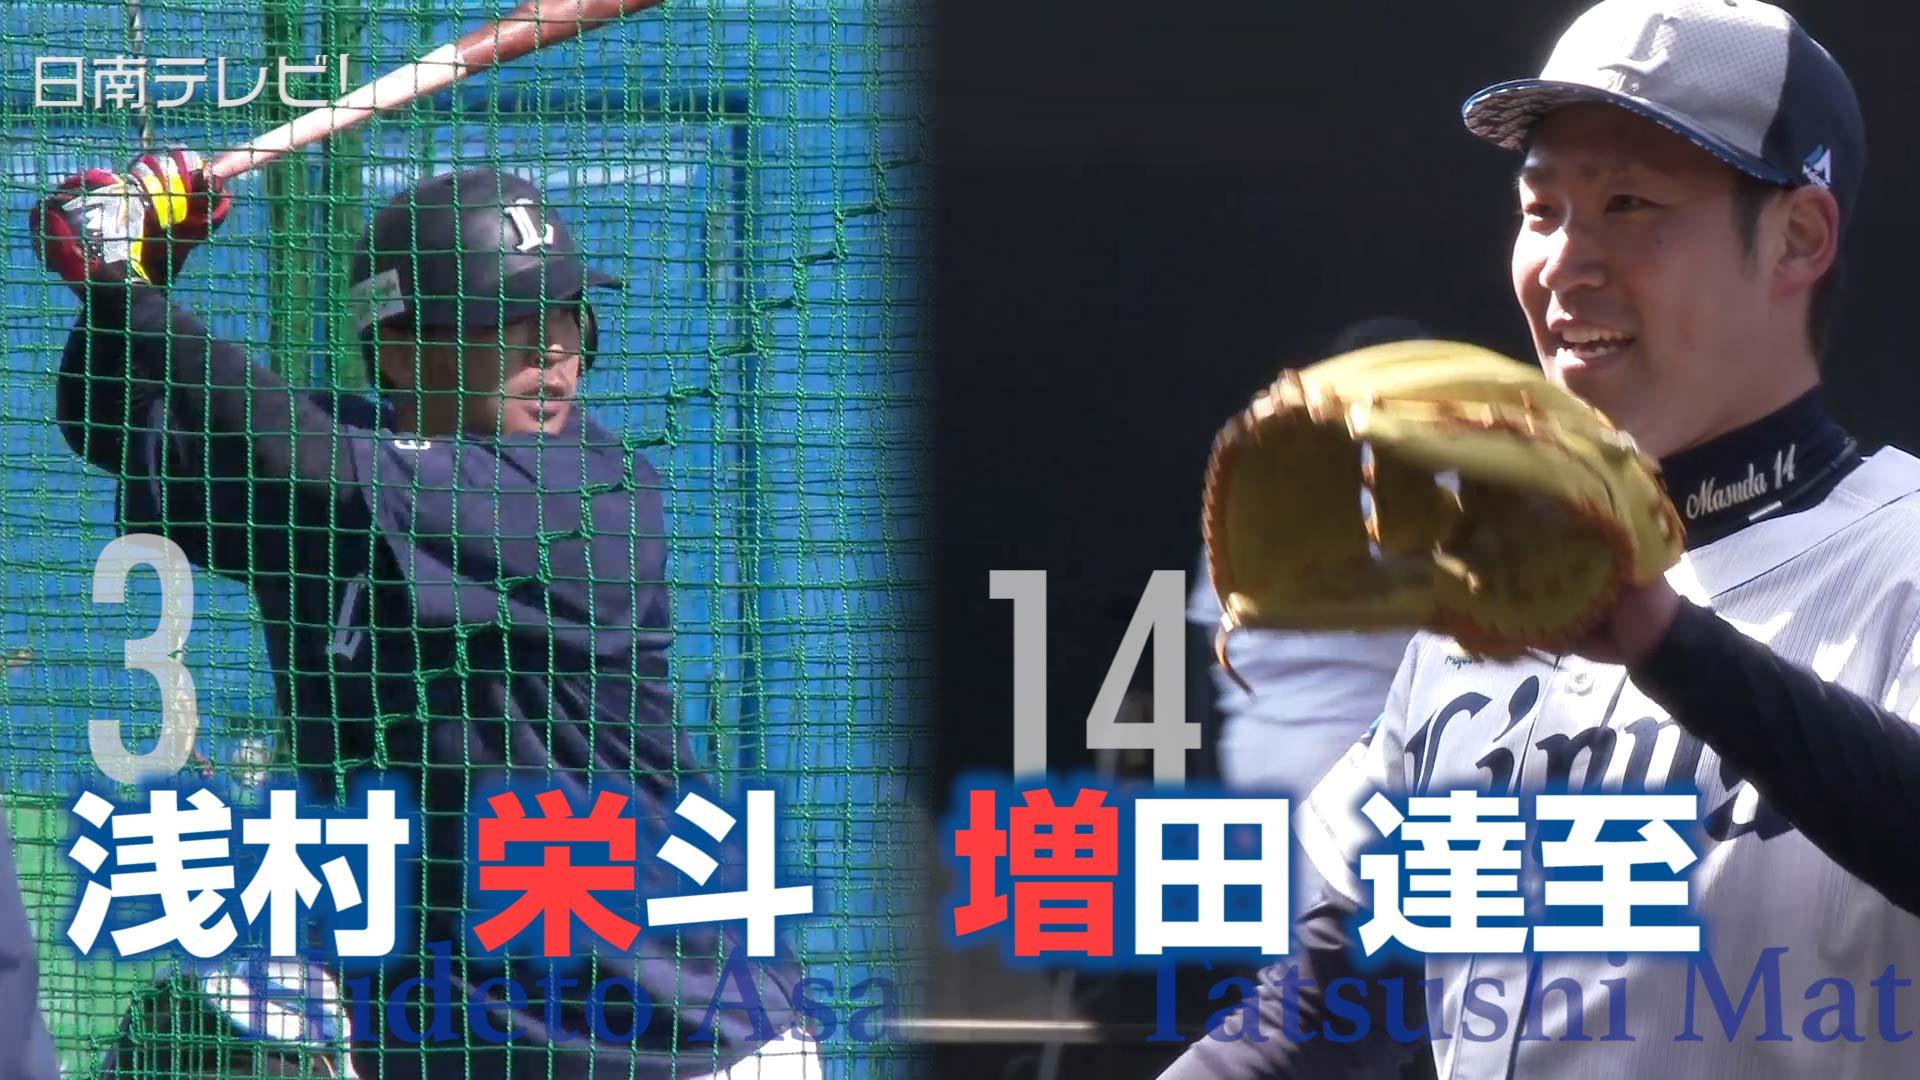 西武 春季キャンプ第3クール後半戦に突入!